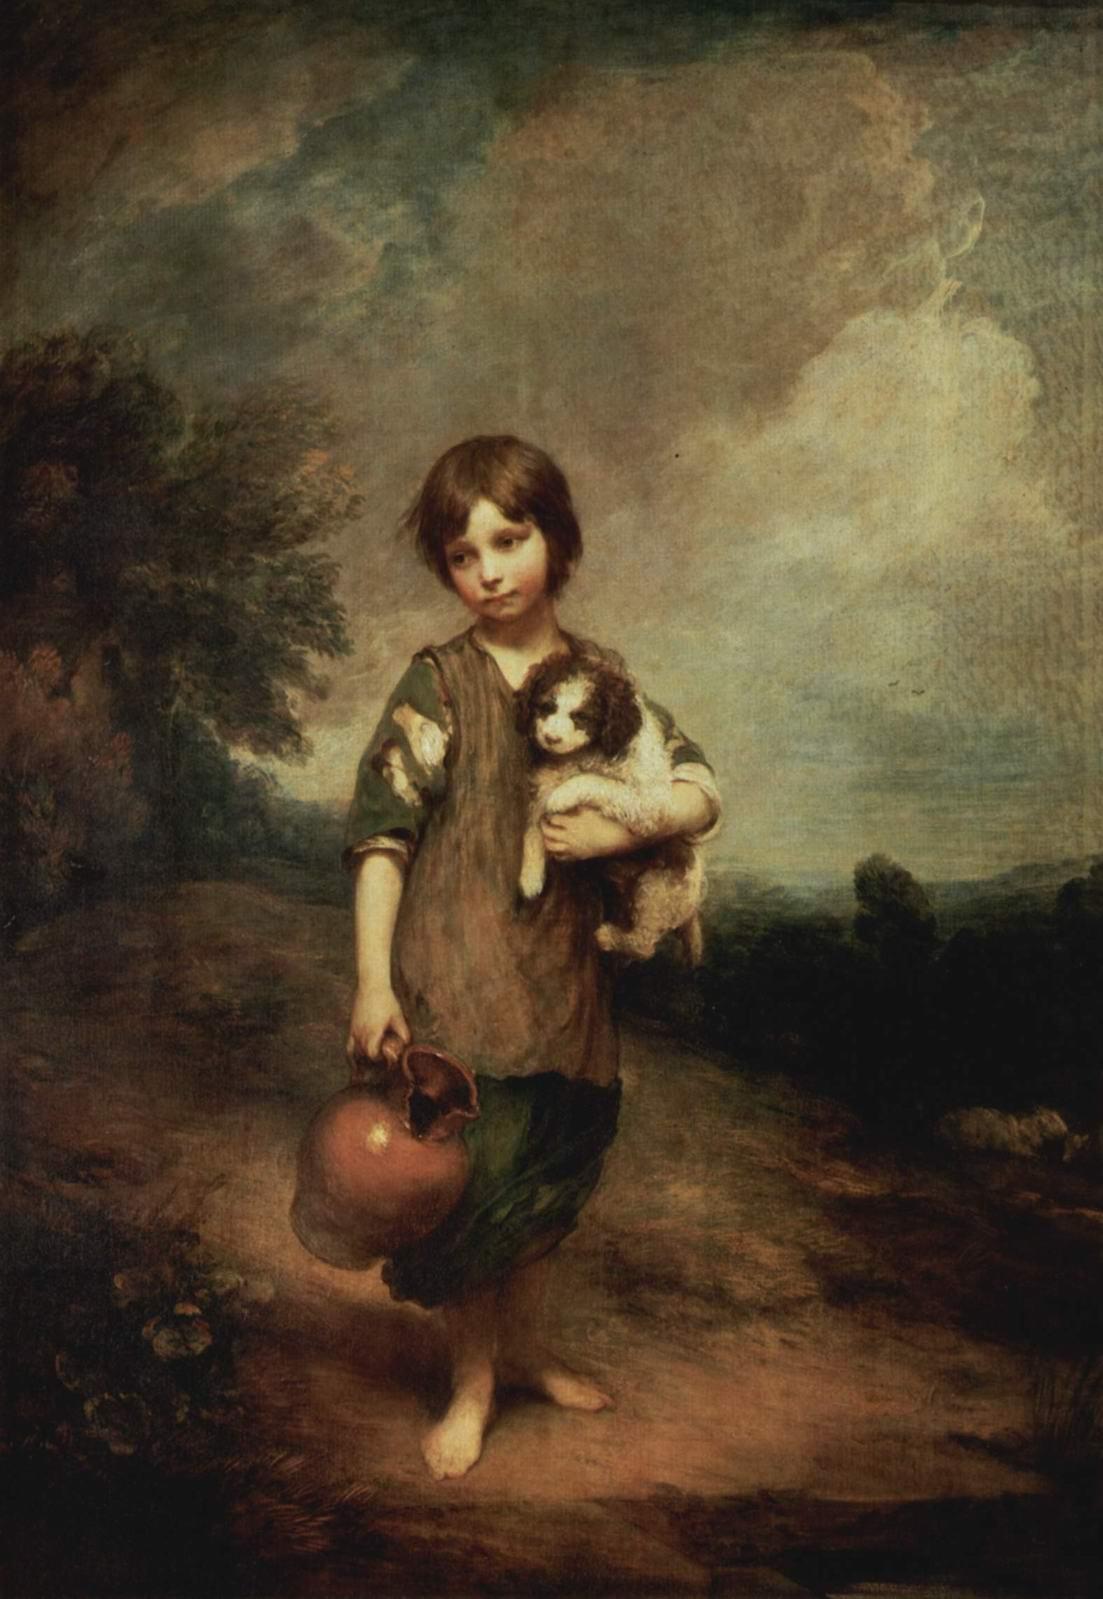 Деревенская девочка с собакой и кувшином, Томас Гейнсборо